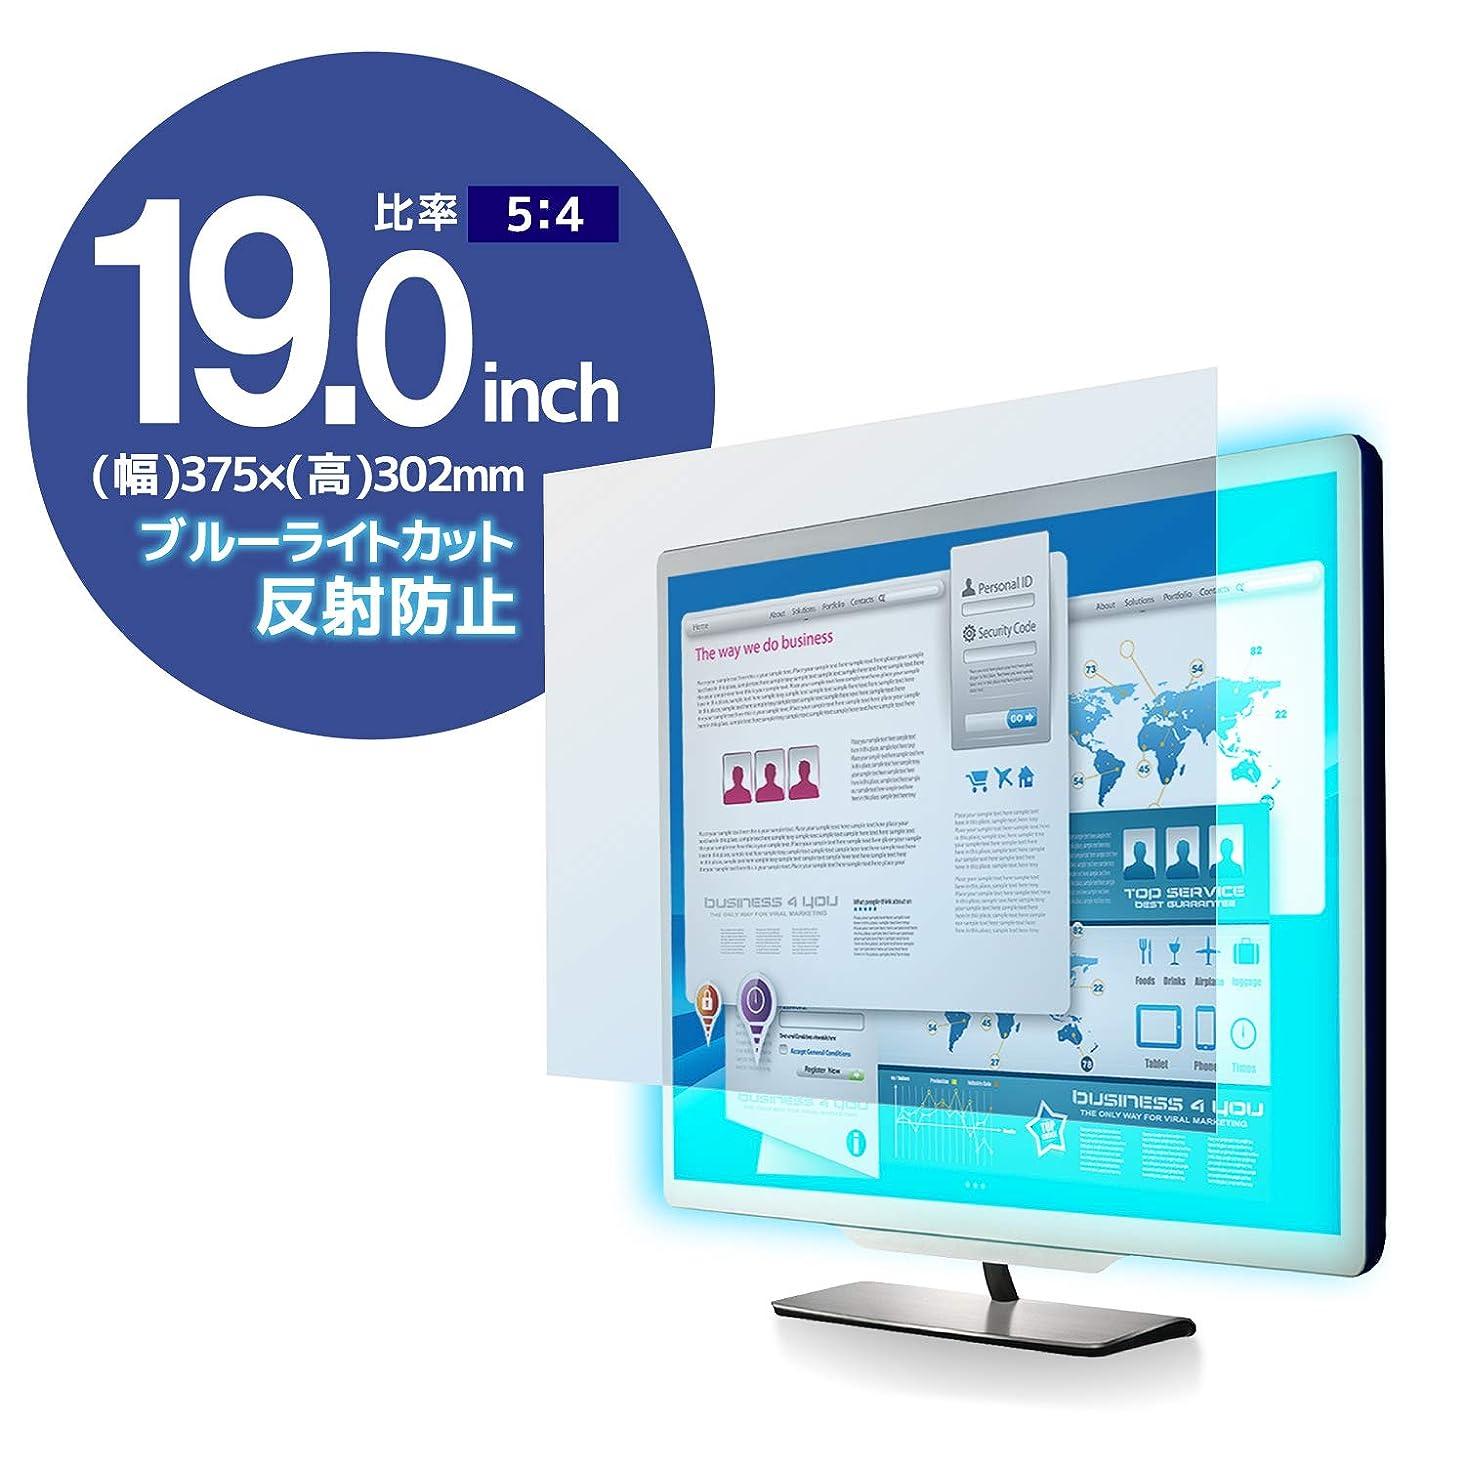 自宅でフェロー諸島メディックRongm 23 インチ 16:9 ワイドスクリーン 覗き 見防止 フィルム プライバシー フィルター コンピュータ ディスプレイ 保護 フィルム (23 インチ 16:9 509x286mm)